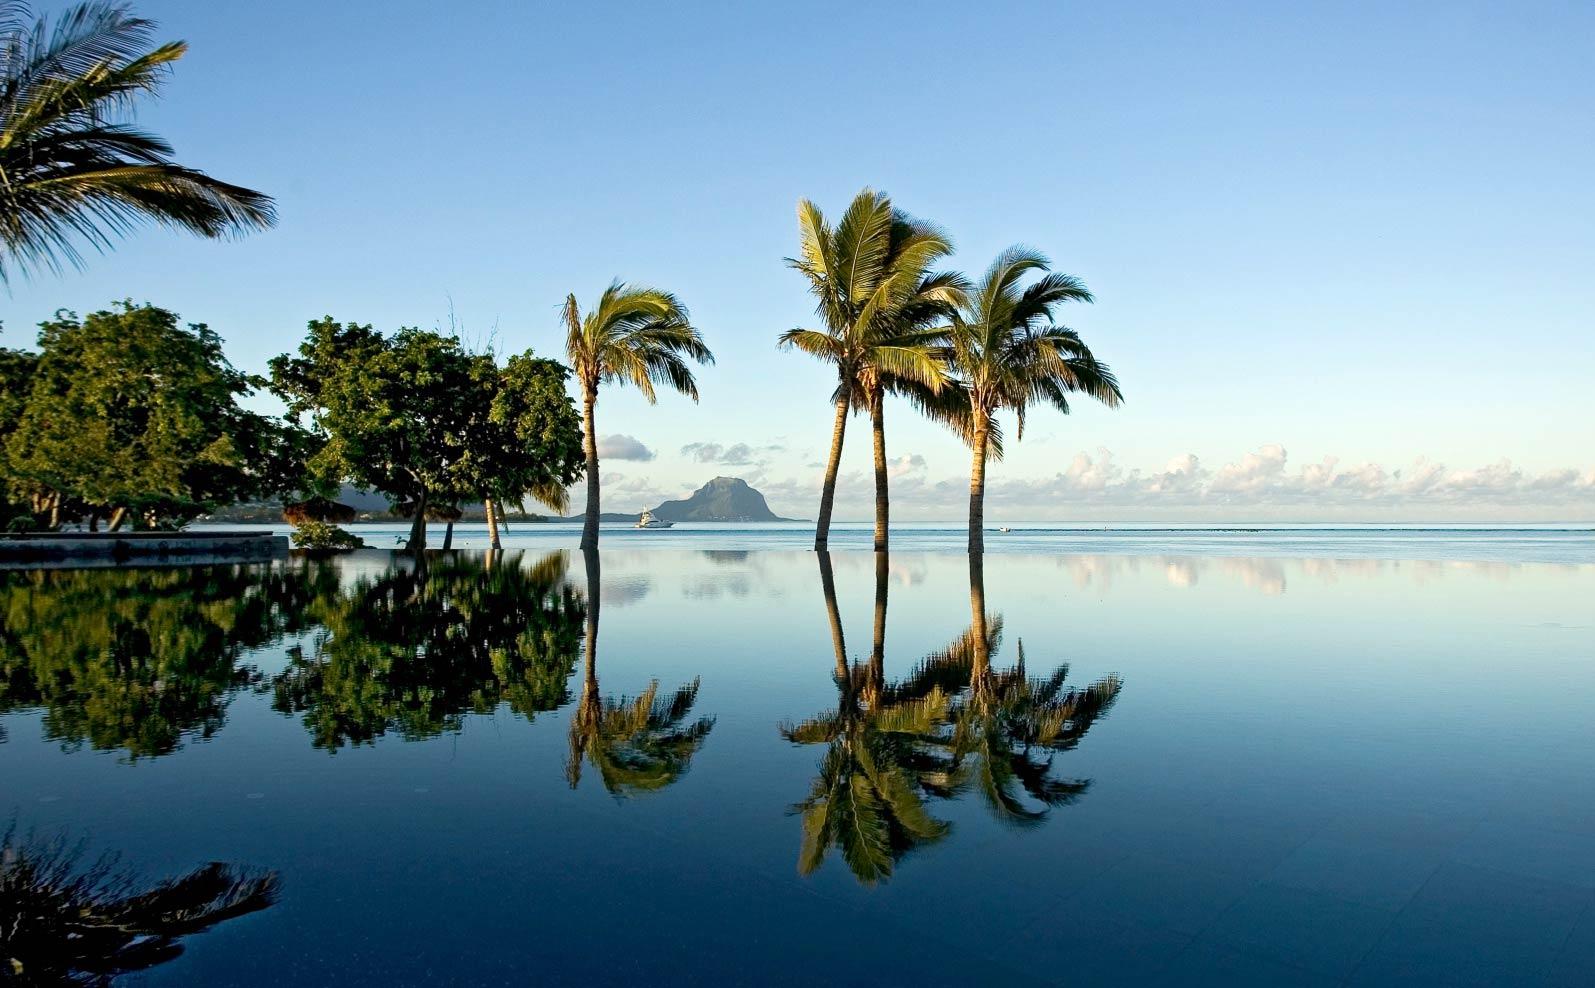 Mauritius Beach Palm Trees